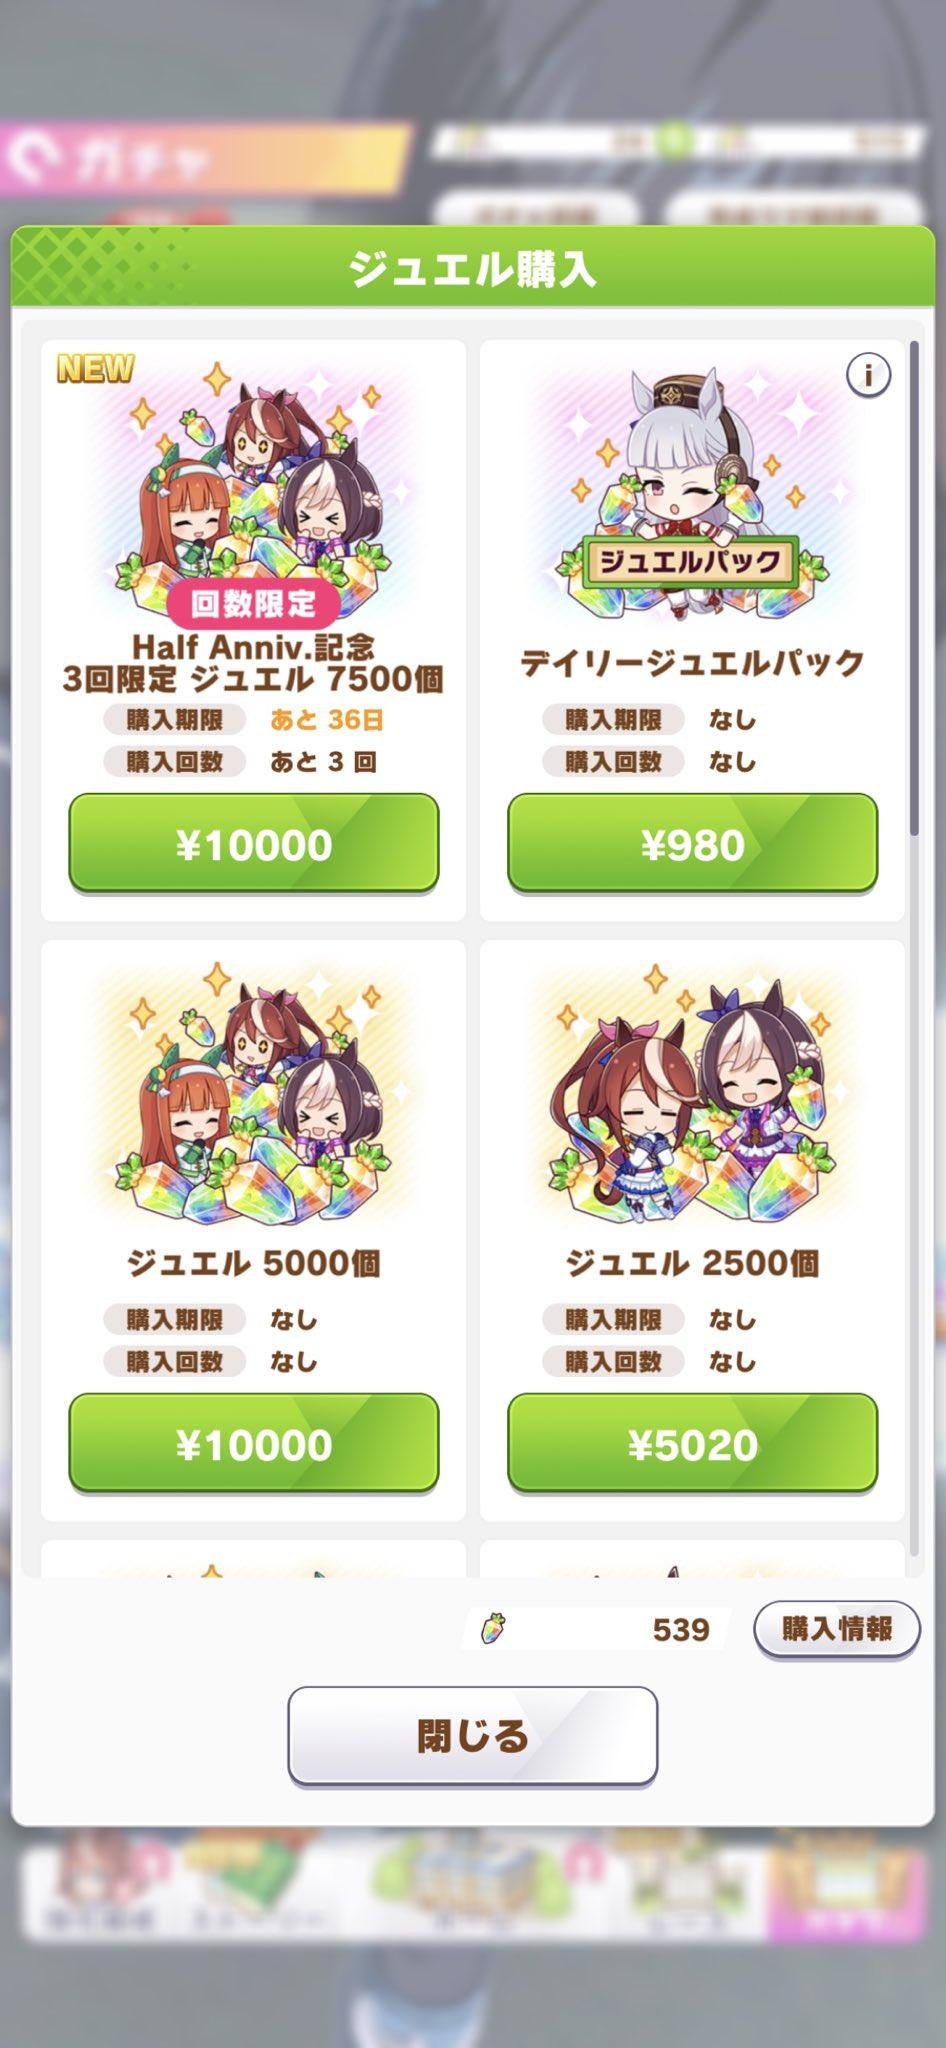 【ウマ娘まとめ】7500個10000円の安石復活キター!